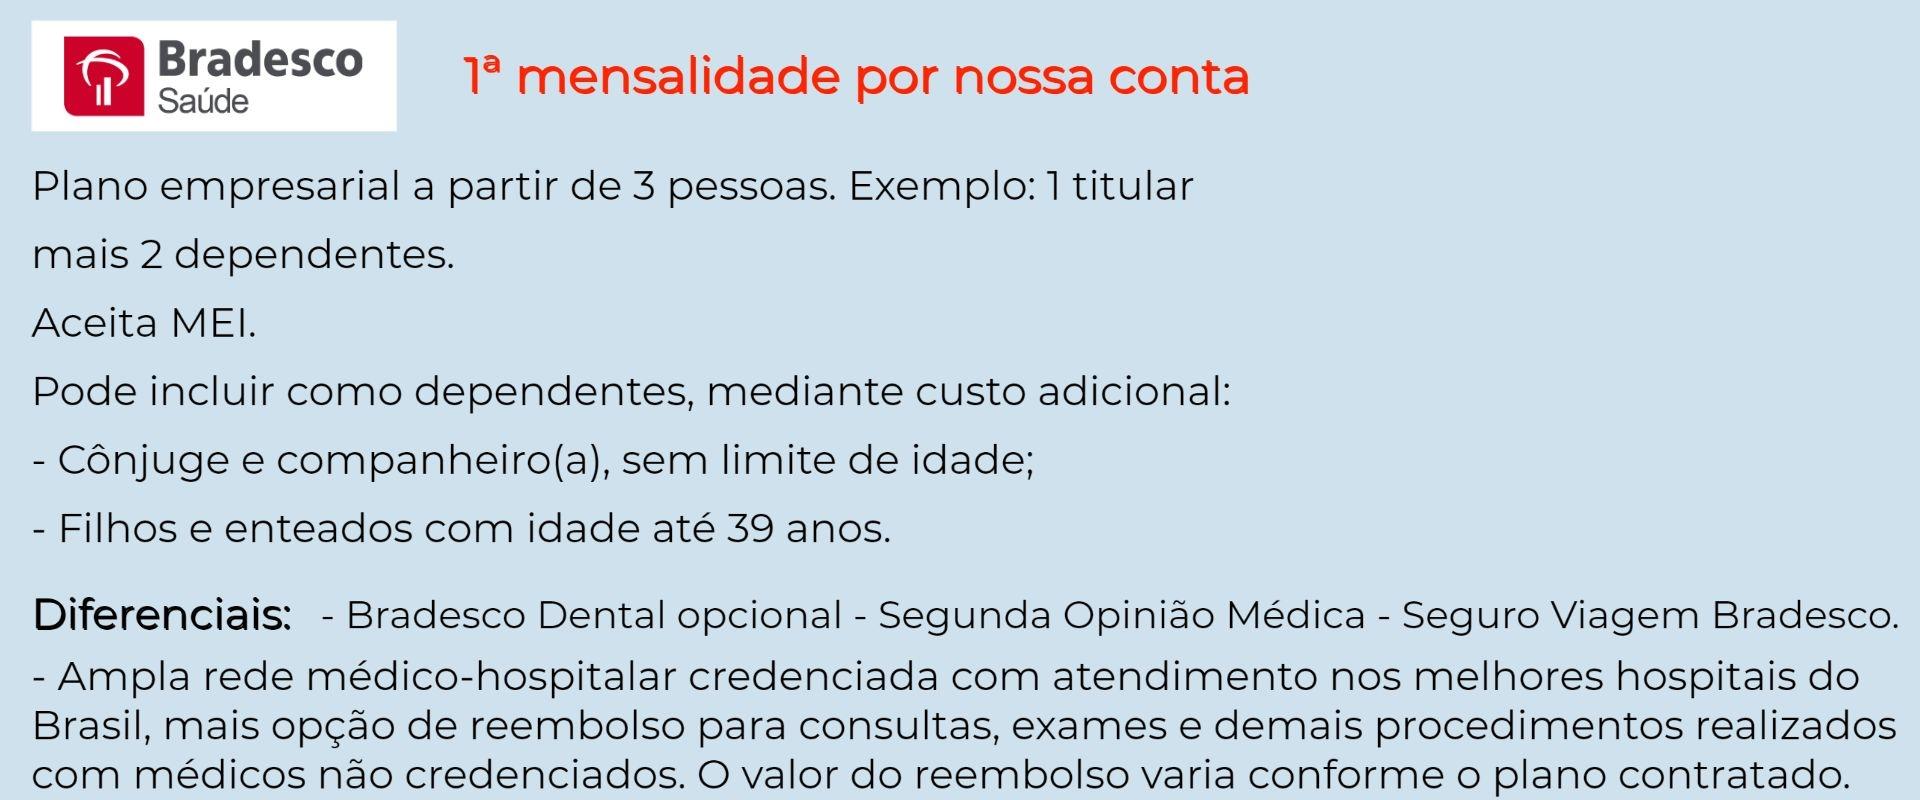 Bradesco Saúde Empresarial - Araçatuba